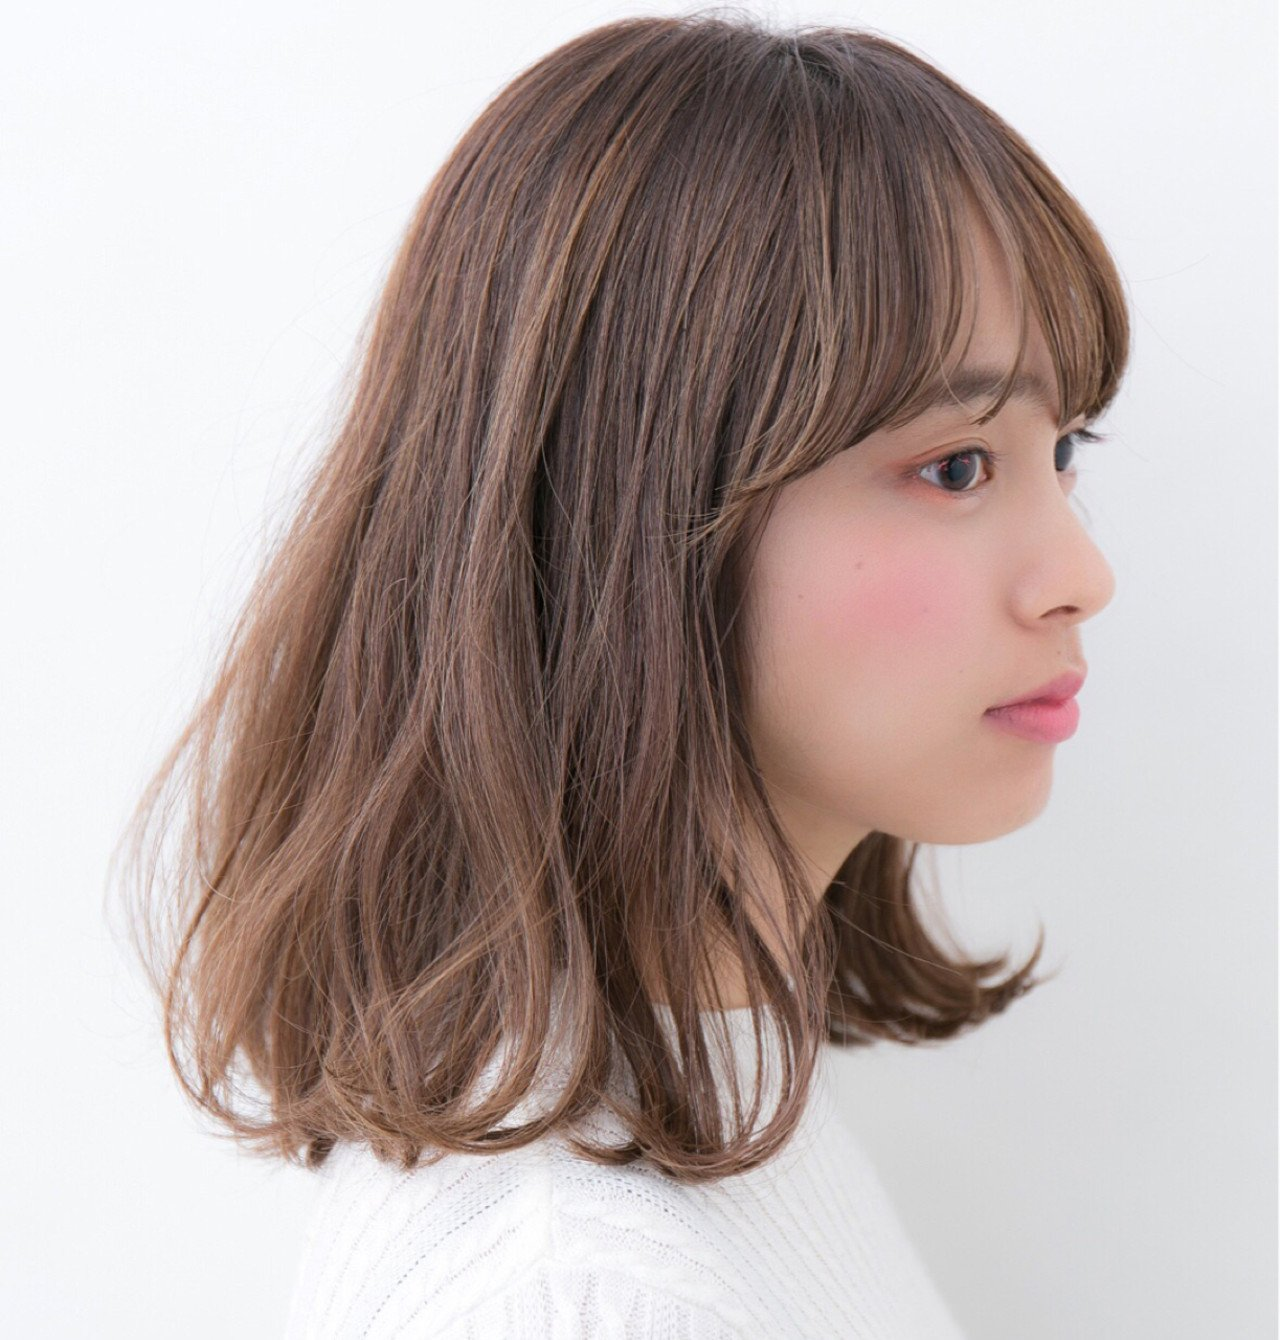 3beeea0749f32 - 髪型で輪郭をカバー!丸顔さんにおすすめはやっぱりミディアムヘア